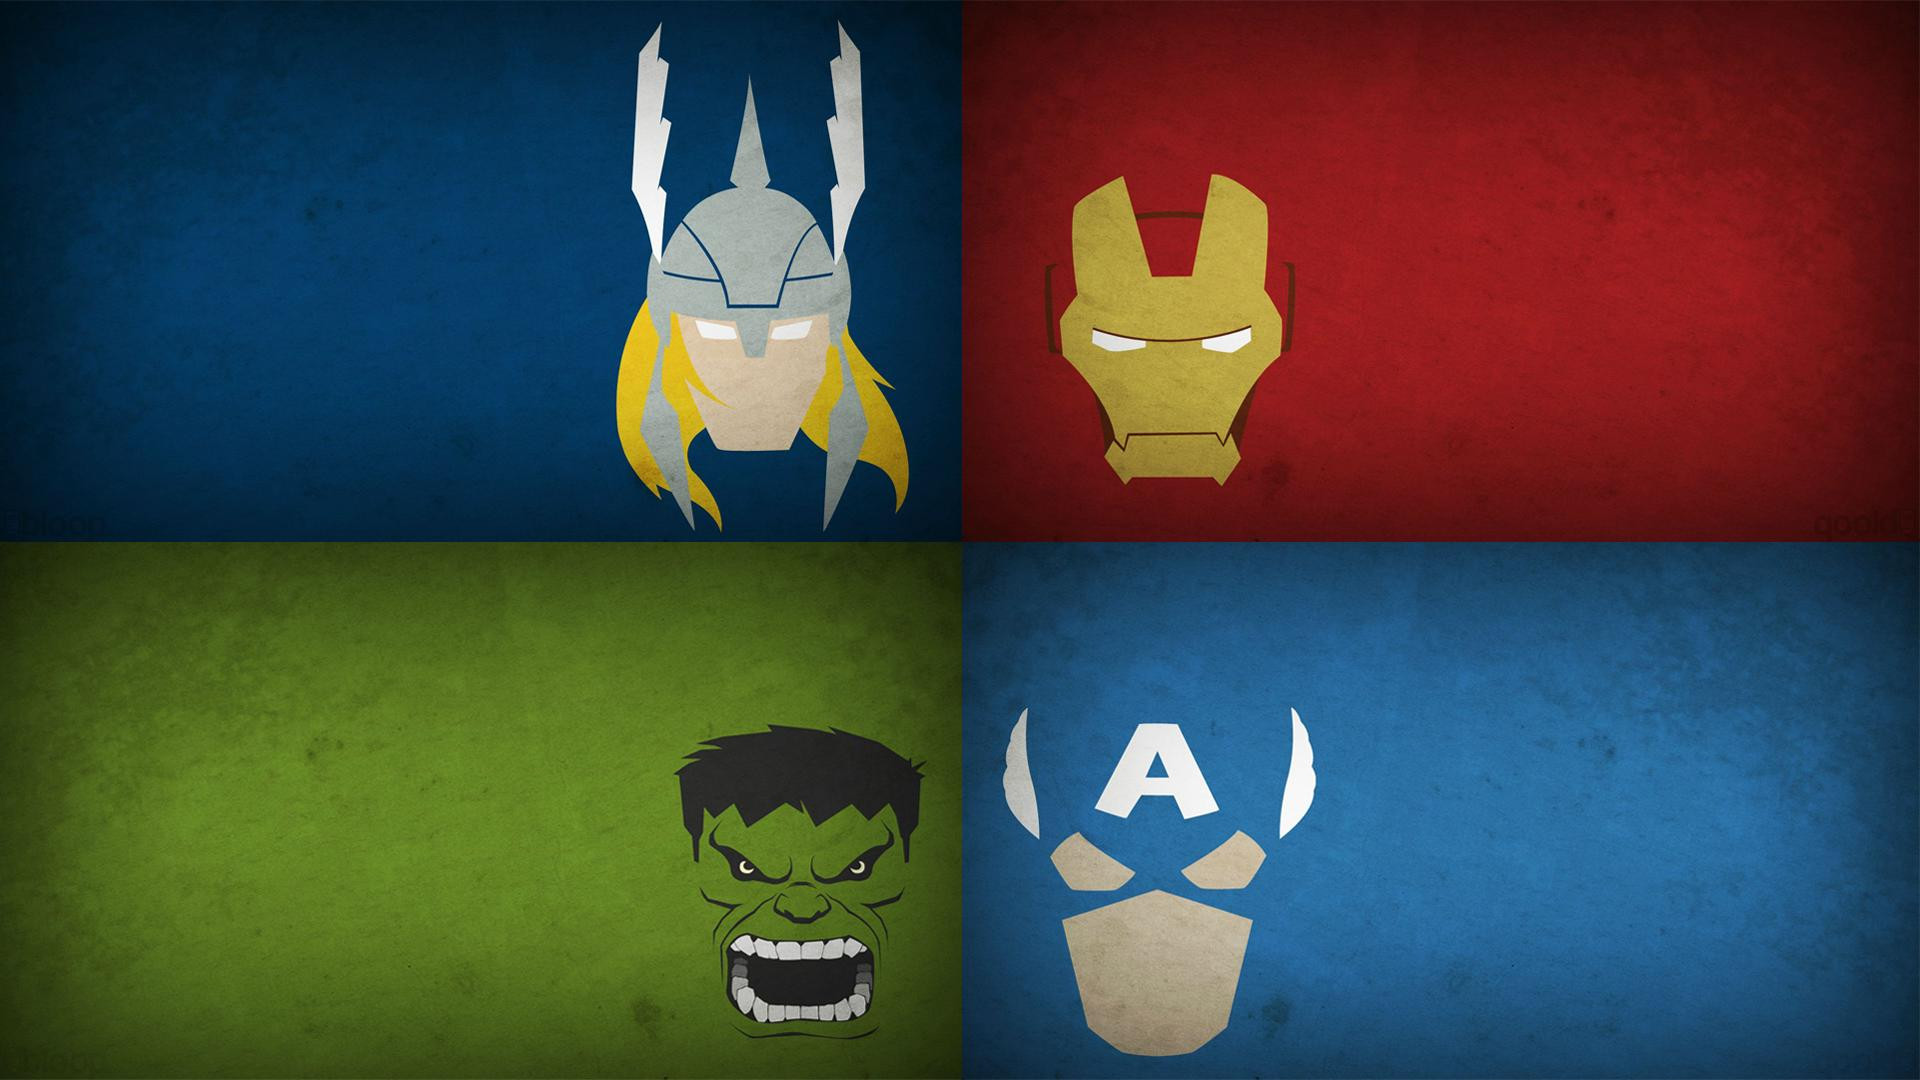 Res: 1920x1080, Minimalist Avengers Logo Image